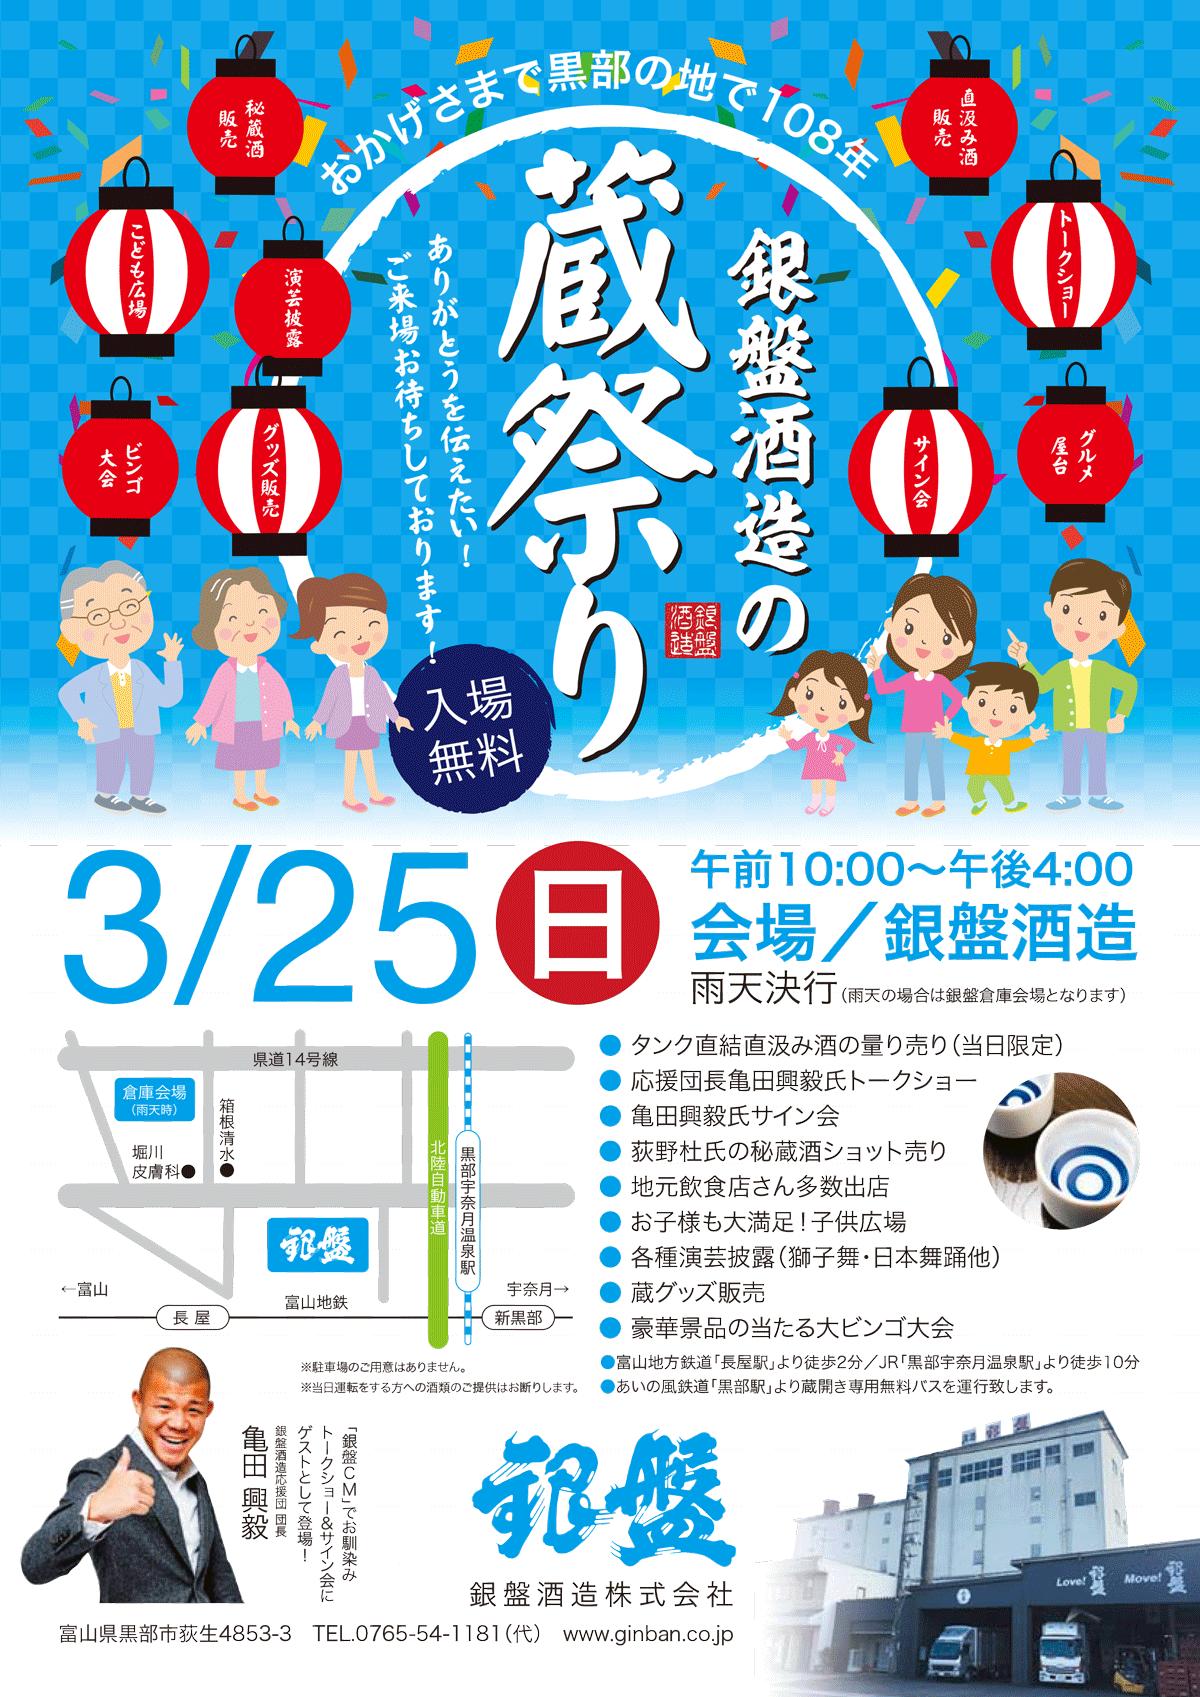 富山にあの亀田興毅が!銀盤酒造の蔵祭りでトークショーとサイン会。